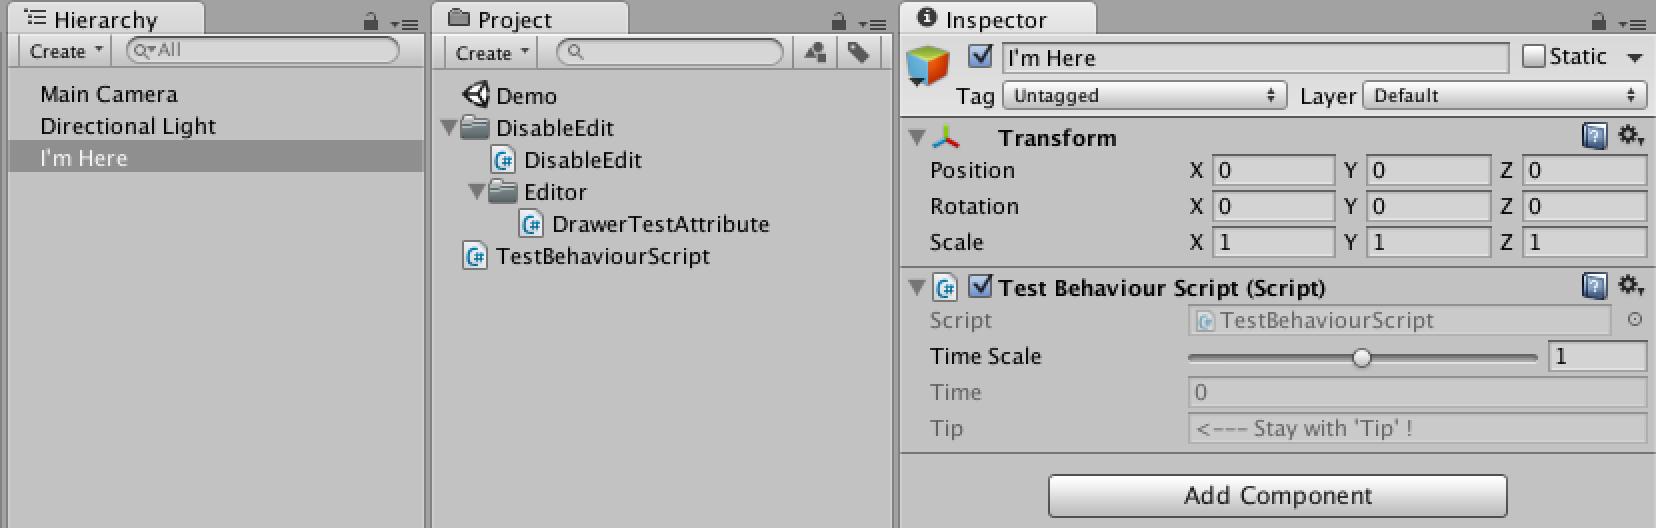 demo_editor_att_001